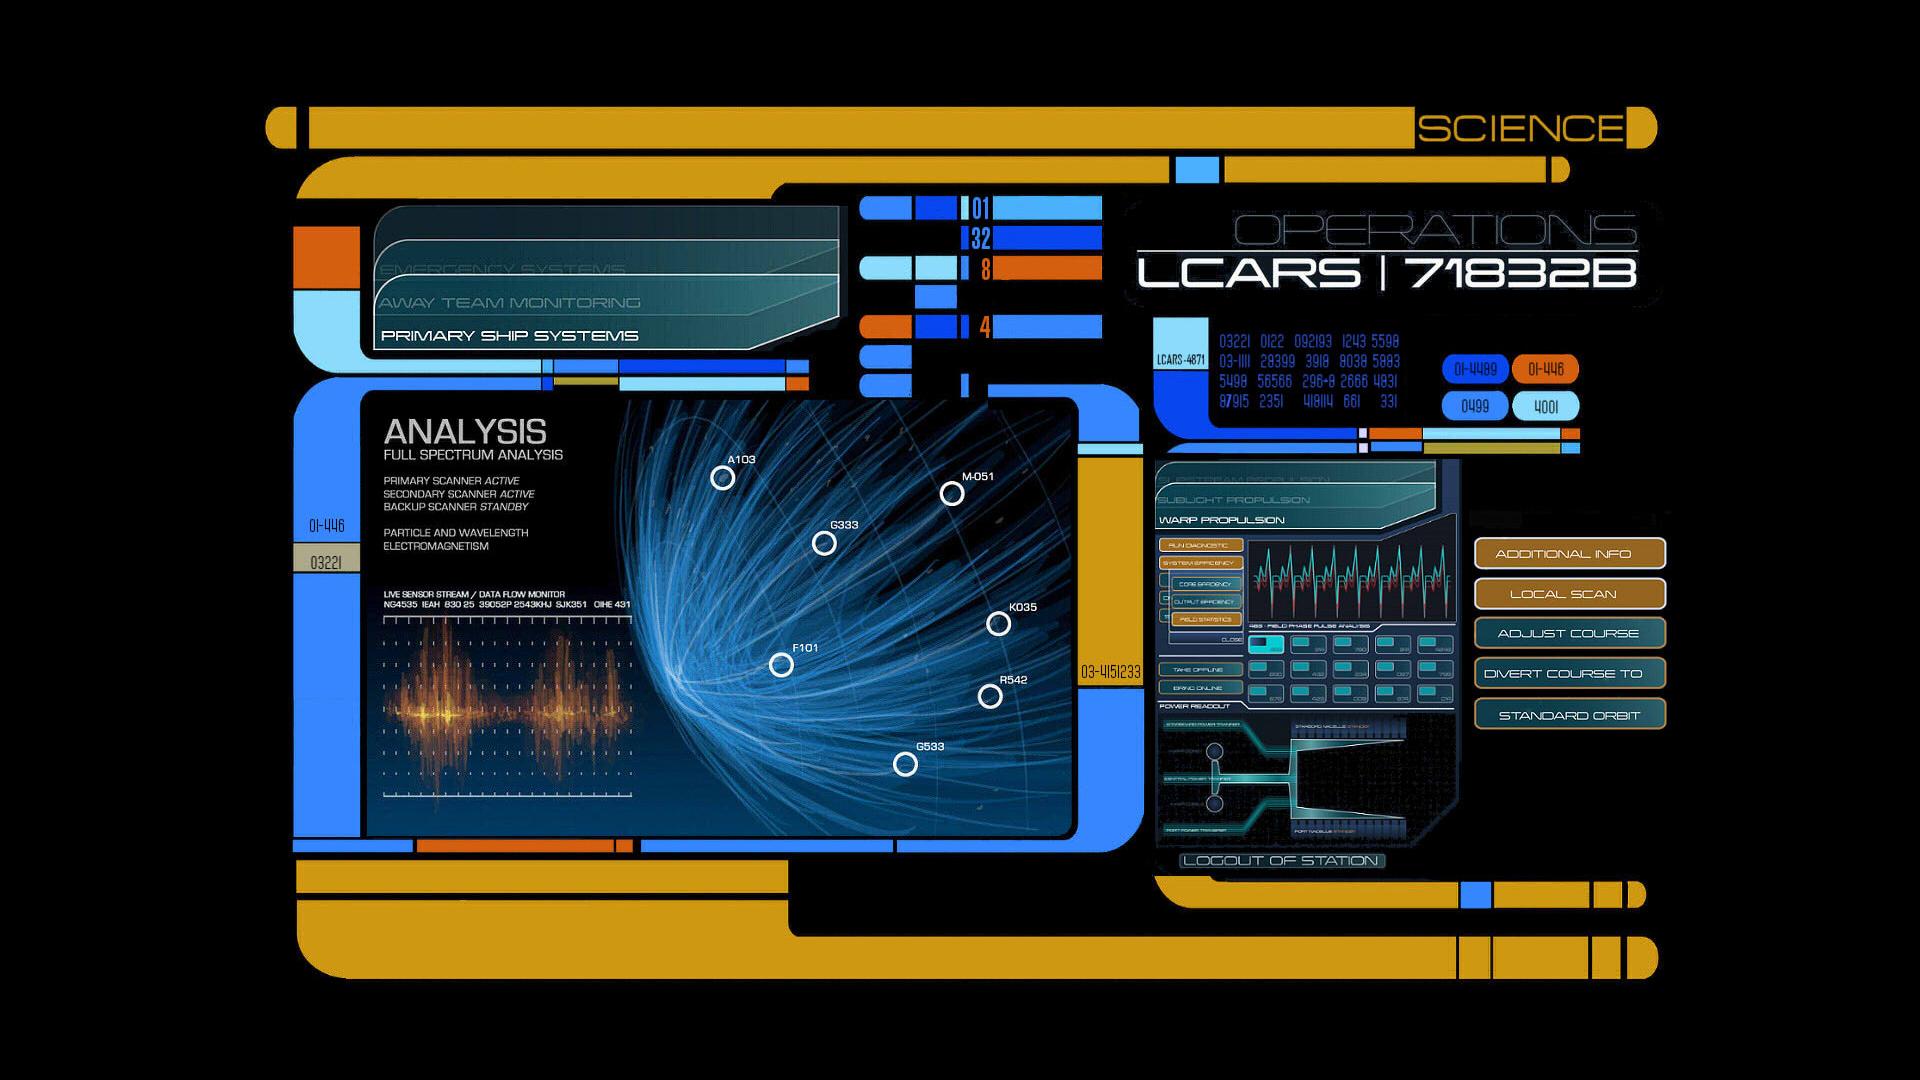 Star Trek HD Wallpaper | Background Image | 1920x1080 | ID:479199